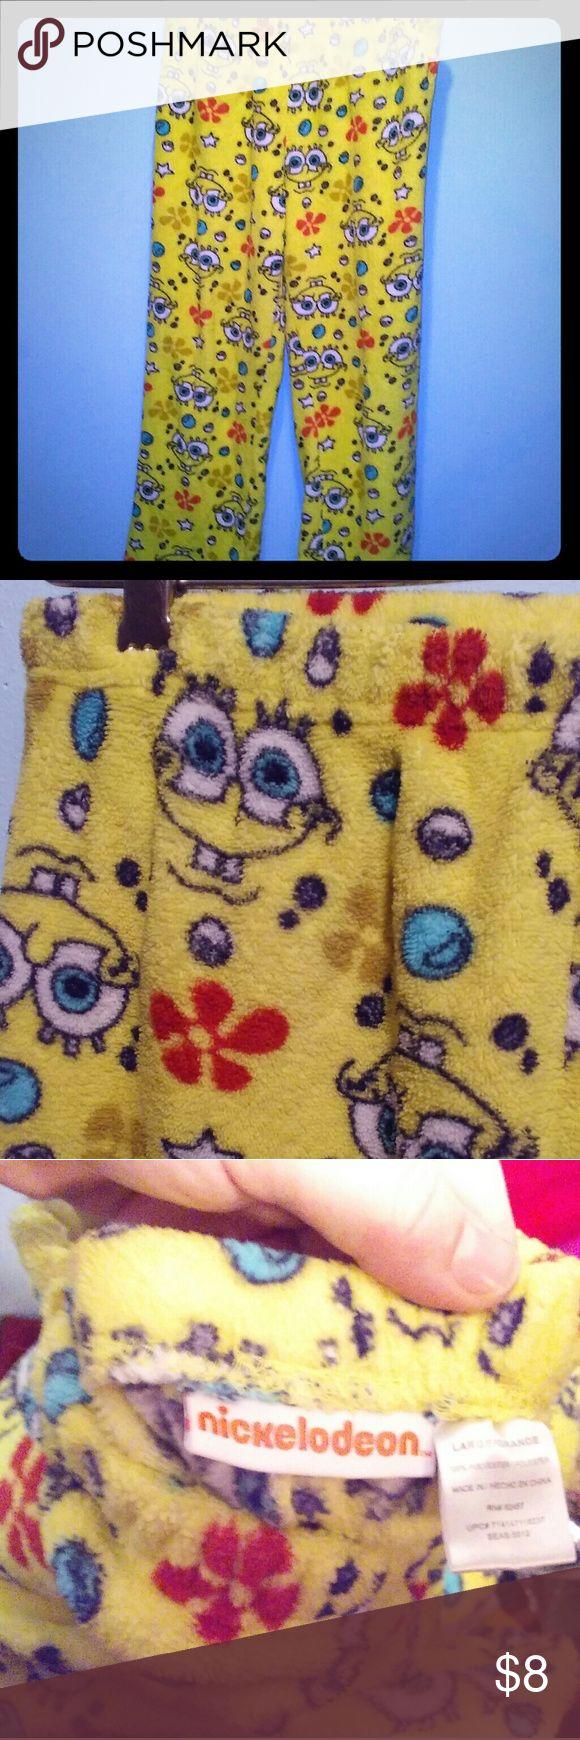 Adult size spongebob pajama pants! Very fuzzy warm pajama bottoms??? Nickelodeon Intimates & Sleepwear Pajamas